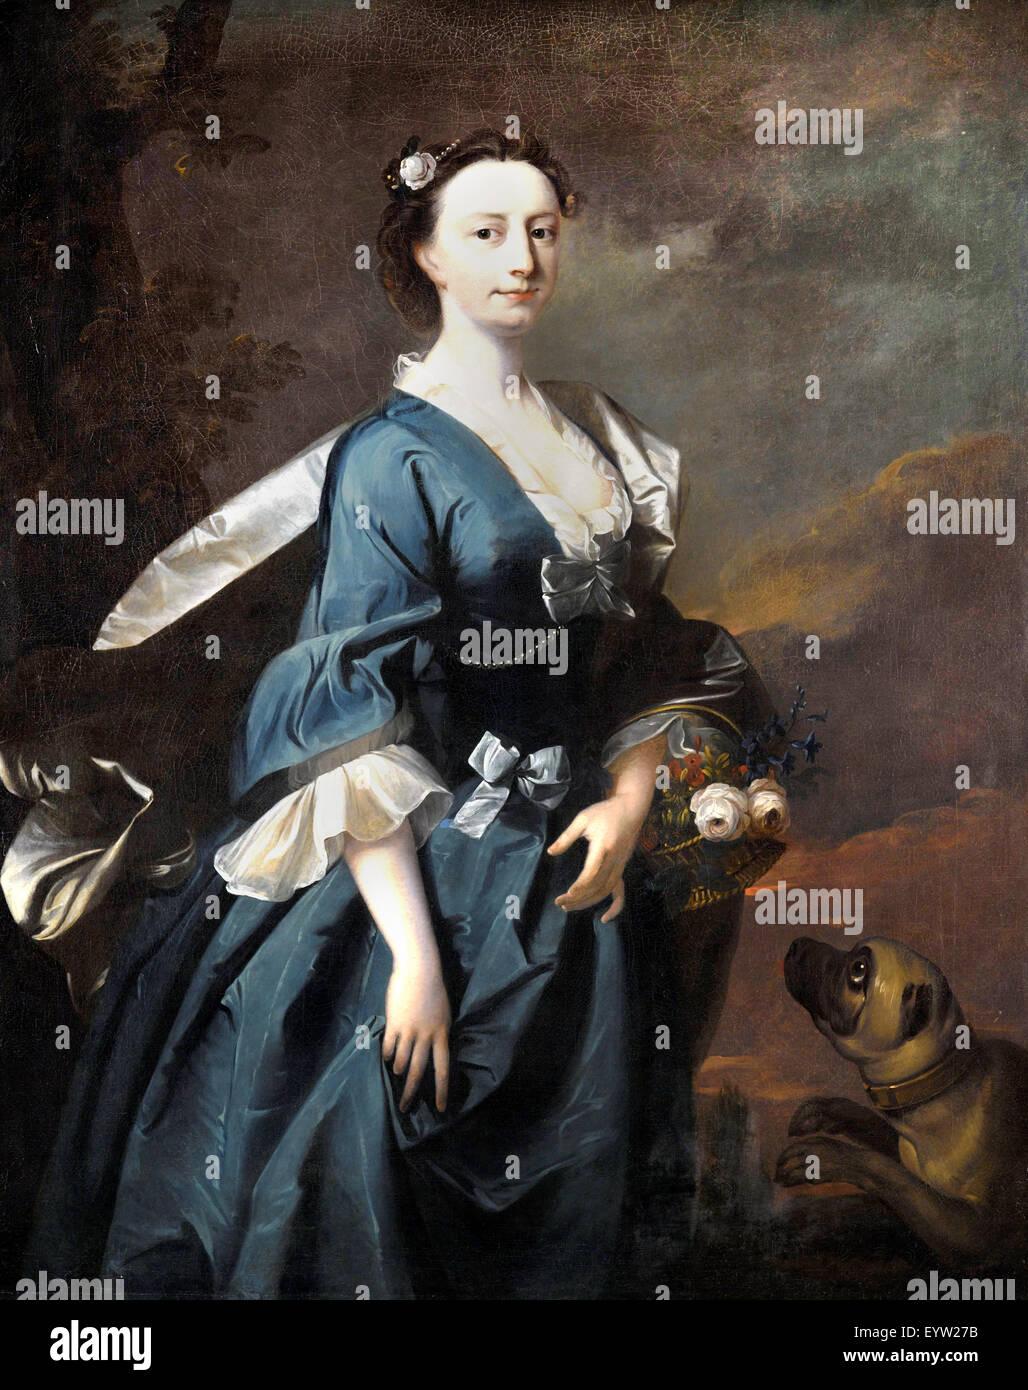 Thomas Hudson, Mrs John Wendt. Ca. 1745. Öl auf Leinwand. Brooklyn Museum, New York, USA. Stockbild